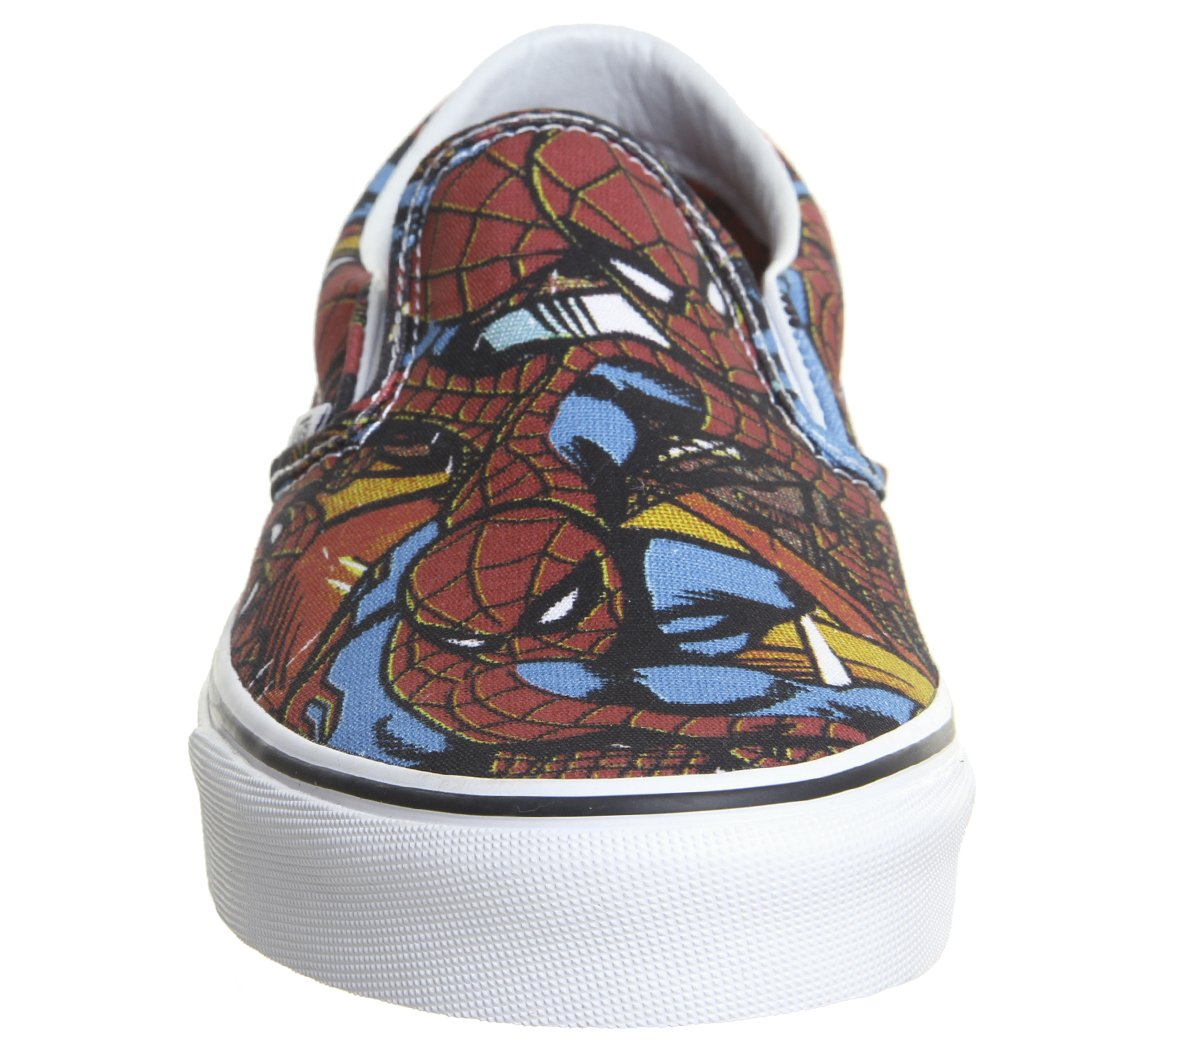 Vans Unisex Classic (Checkerboard) Slip-On Skate Shoe B077TGCMNJ 9 M US Women / 7.5 M US Men|(Mavel) Spider-man/Black